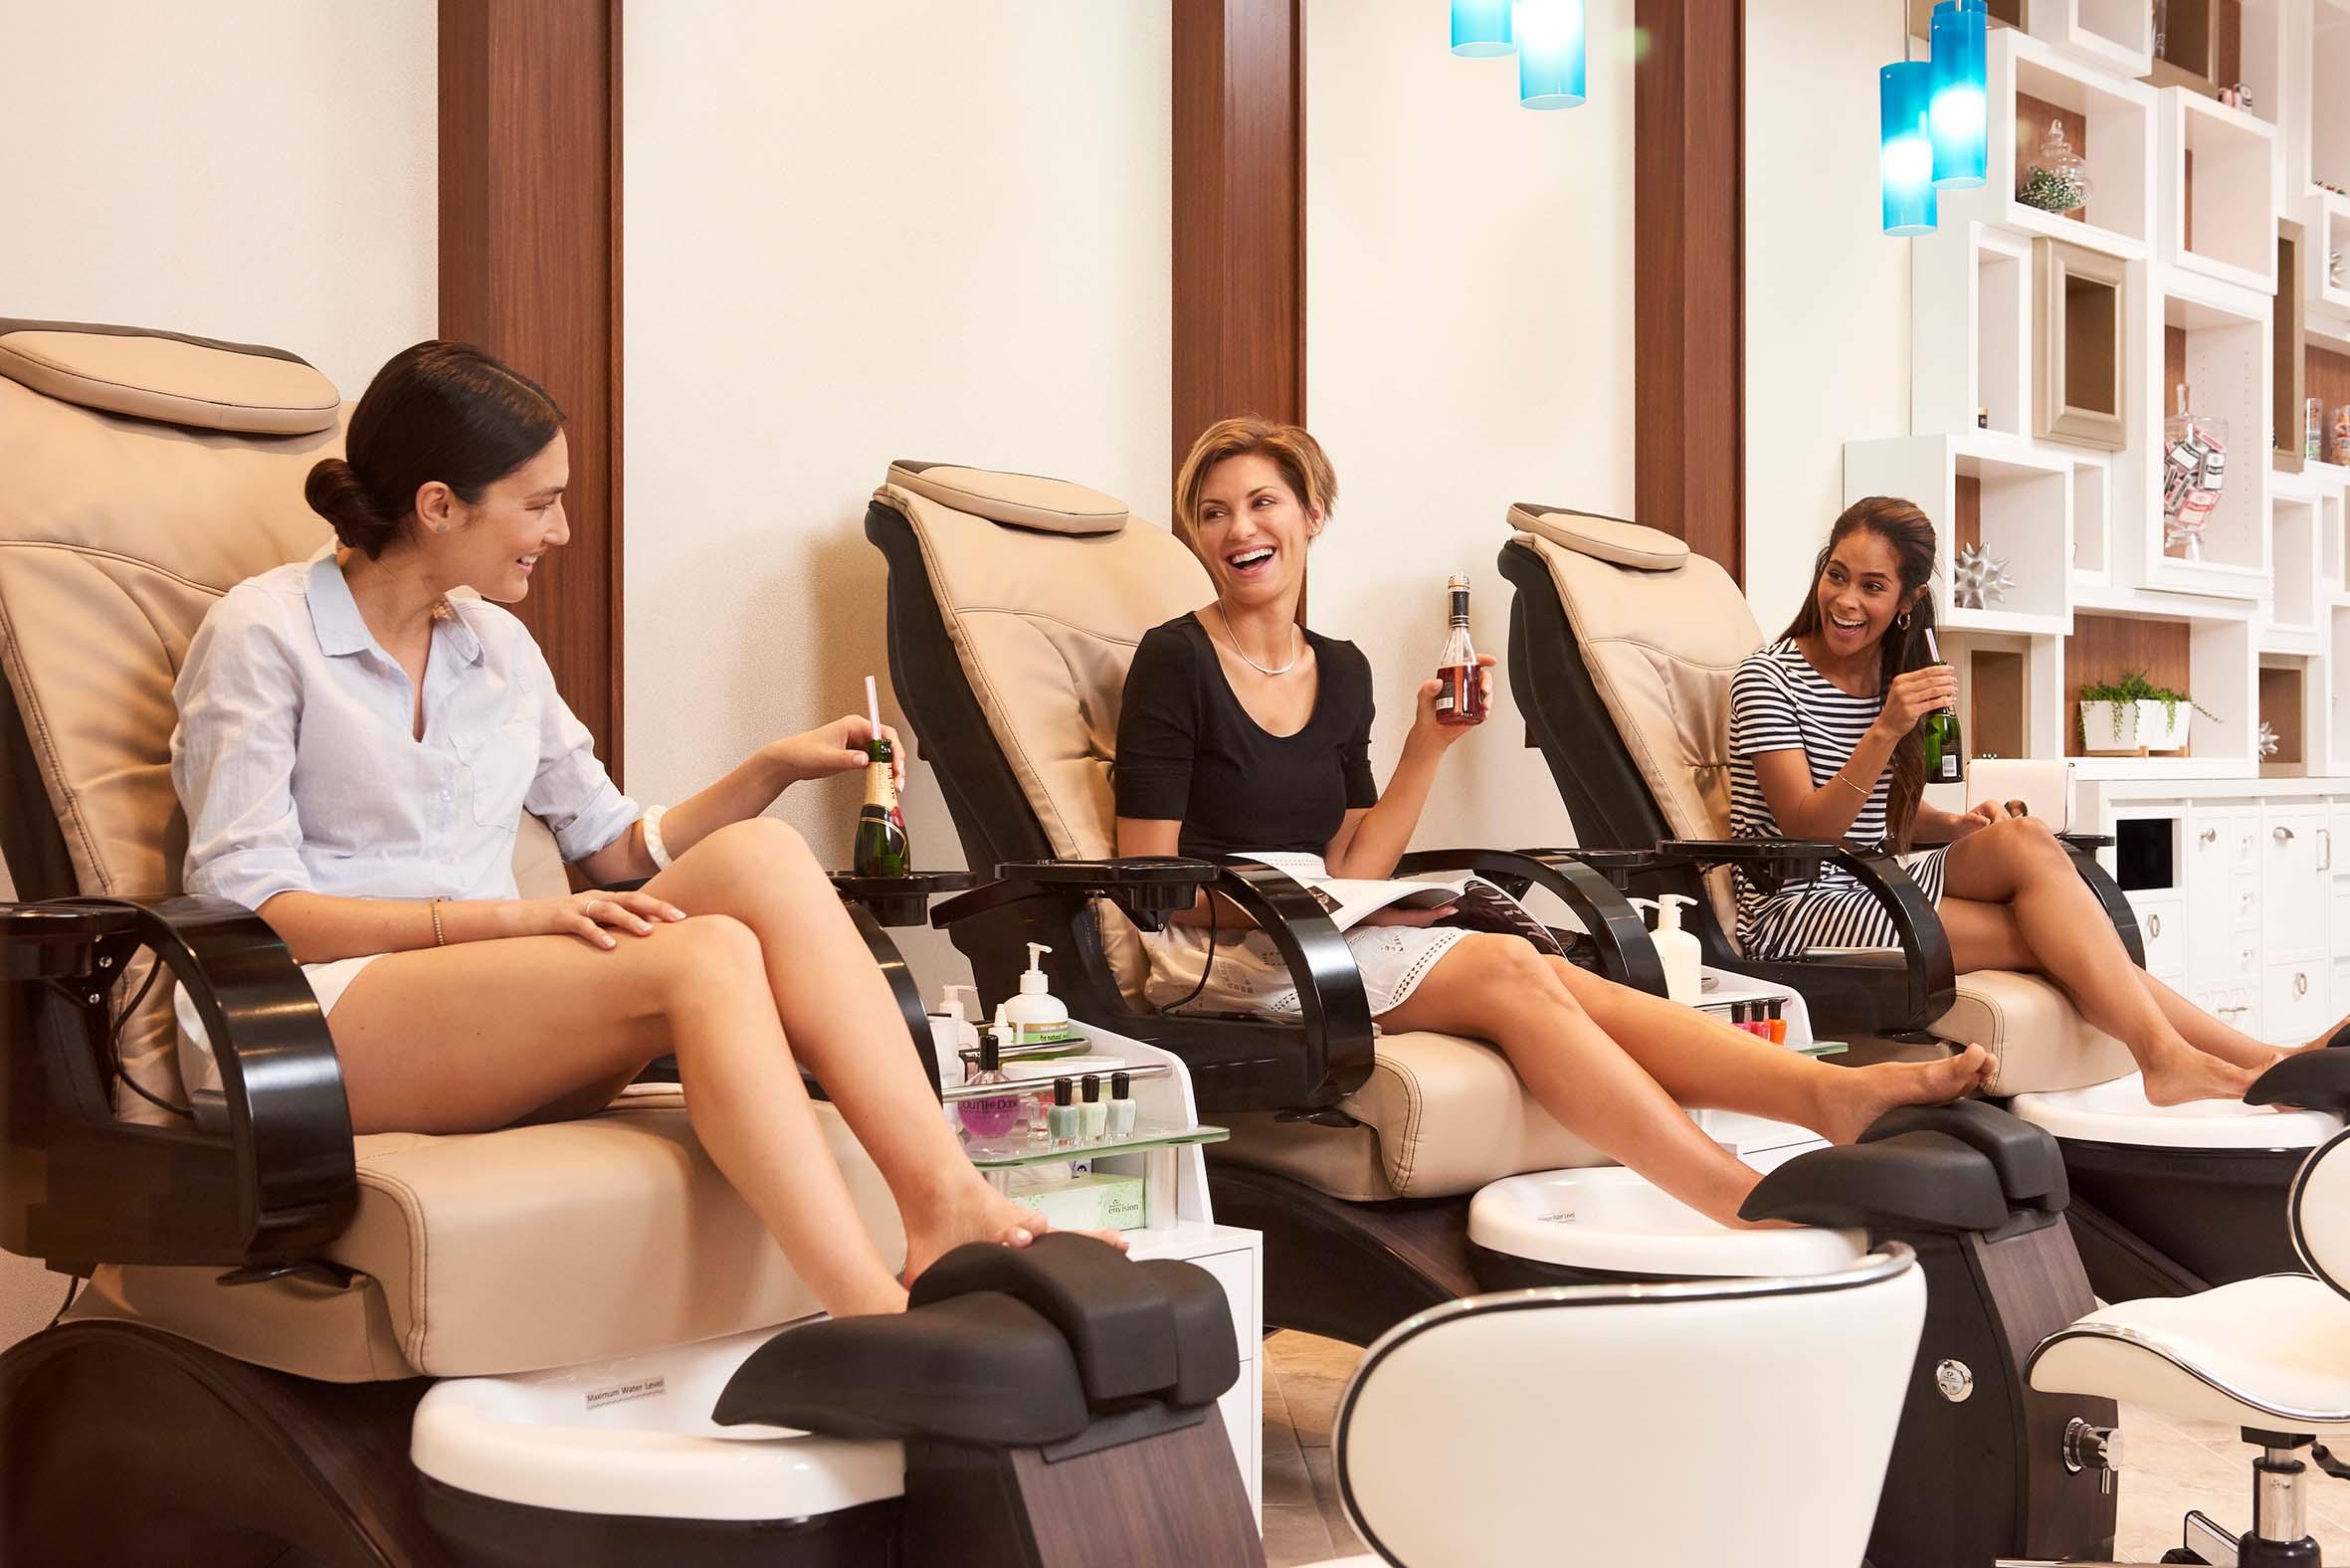 Full-service salon at The Spa at Harrah's